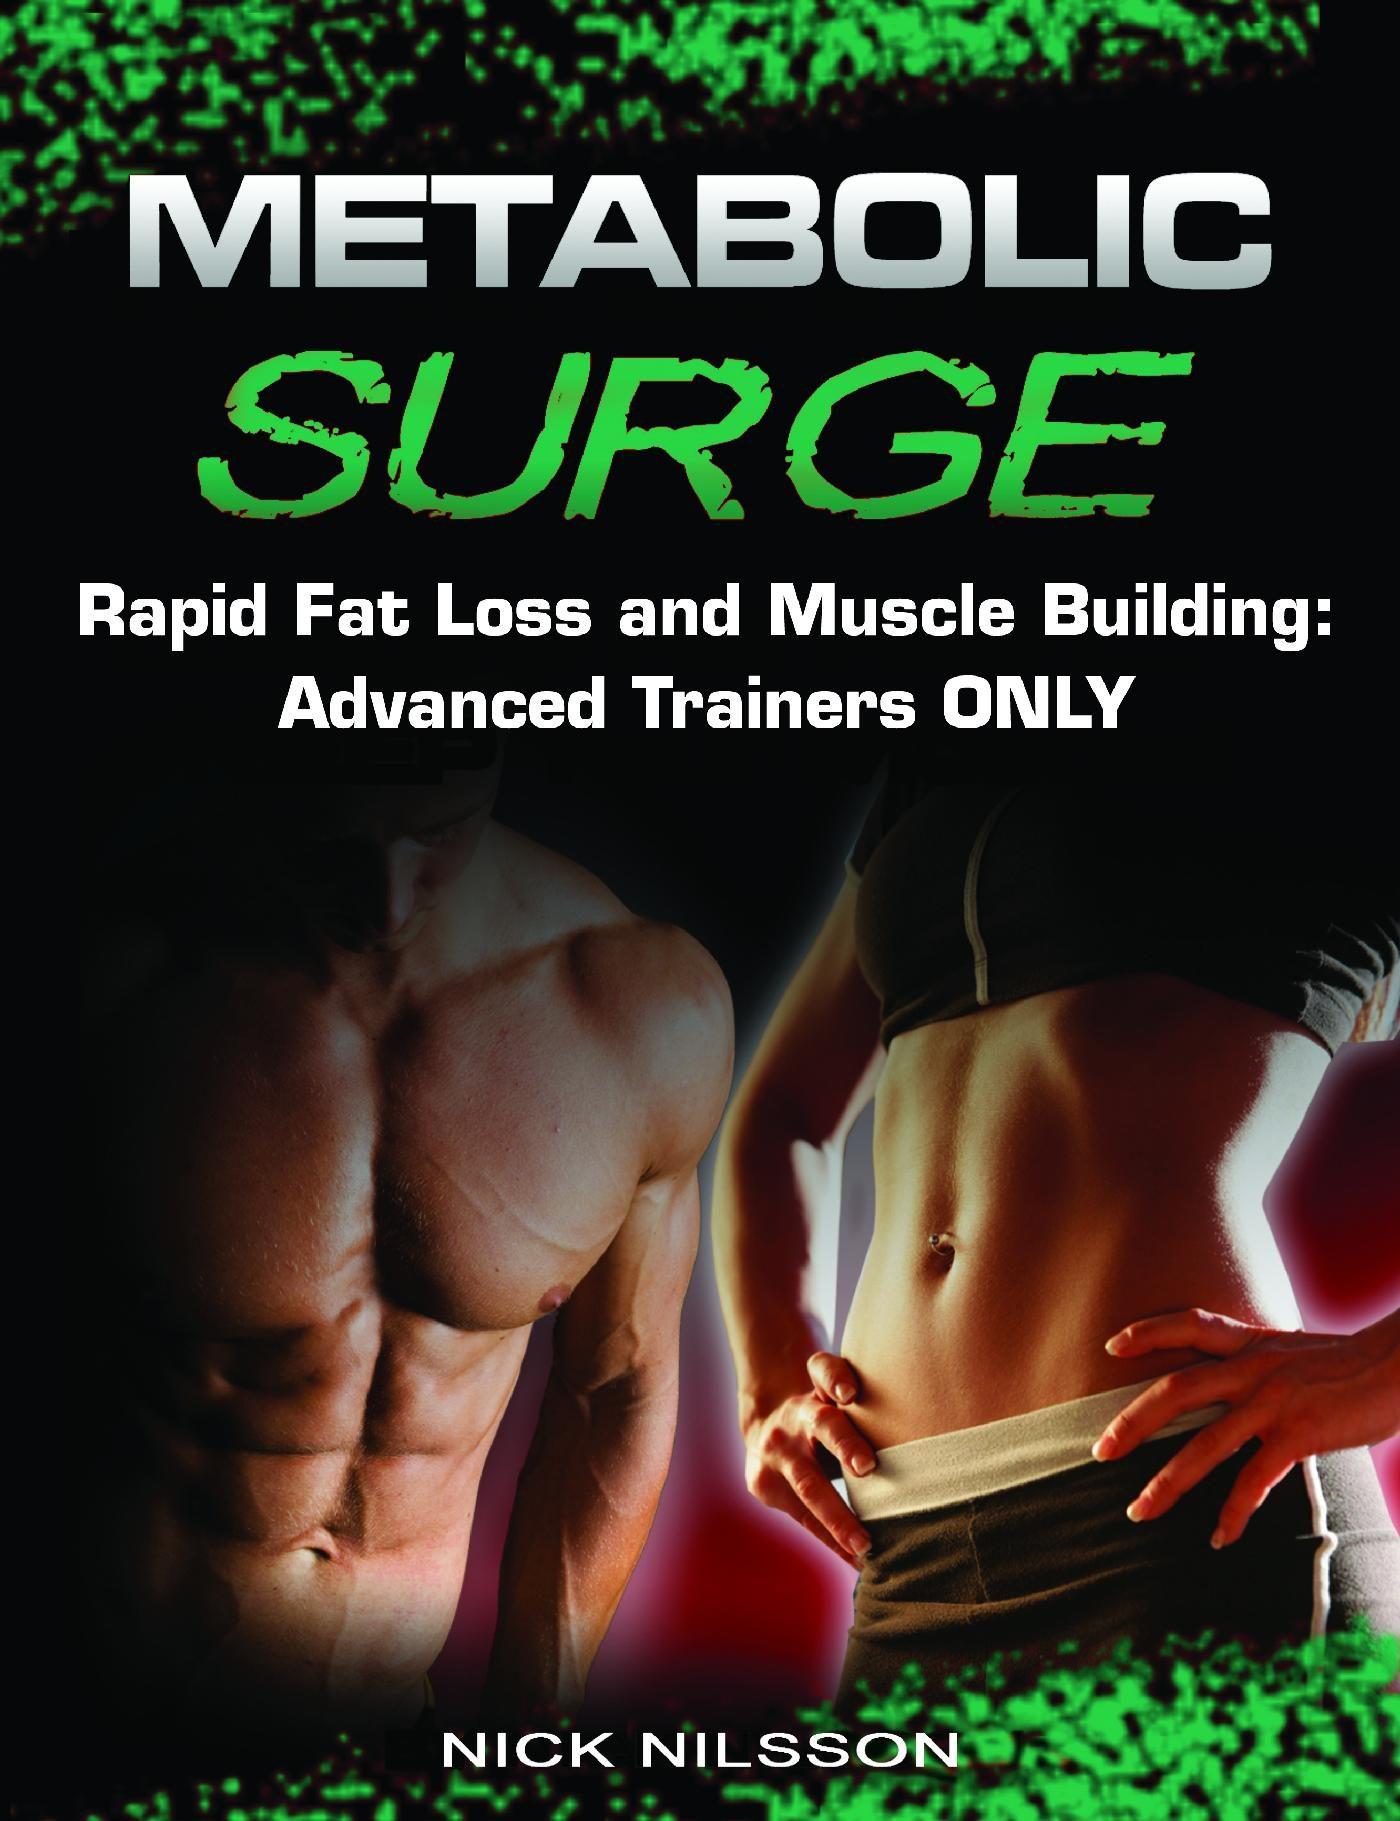 Macrobolic Nutrition Ebook